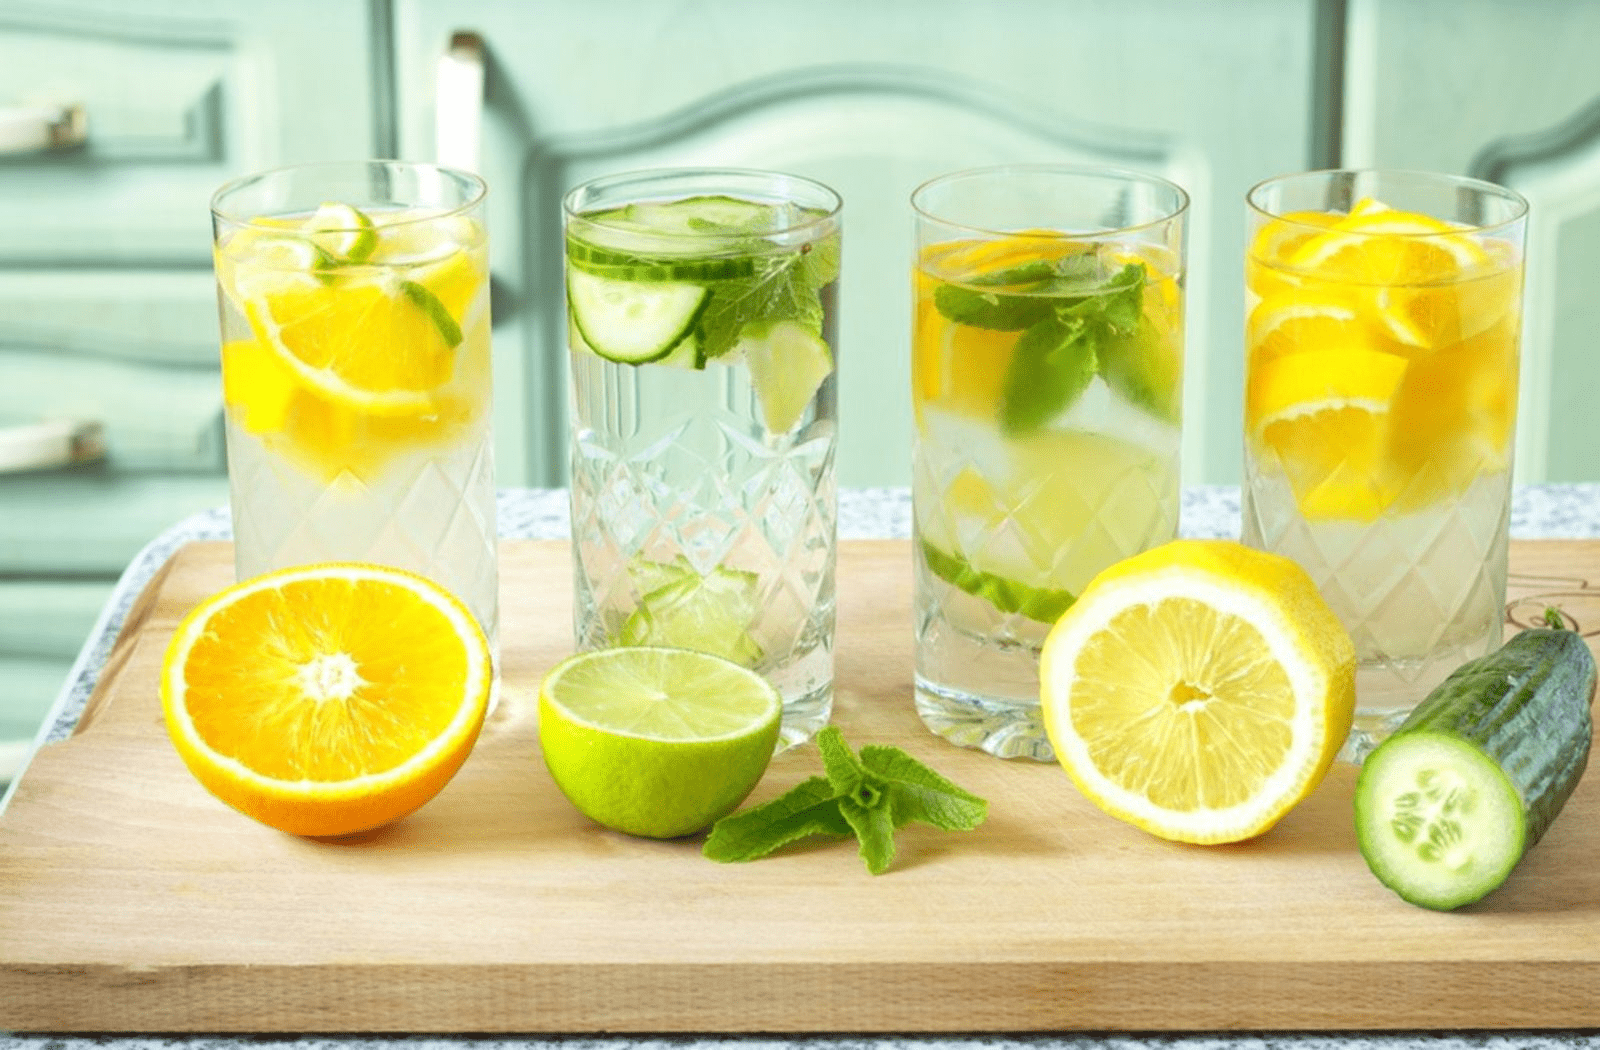 Sử dụng nước ép hoặc các loại detox hoa quả tốt hơn các đồ uống đóng hộp